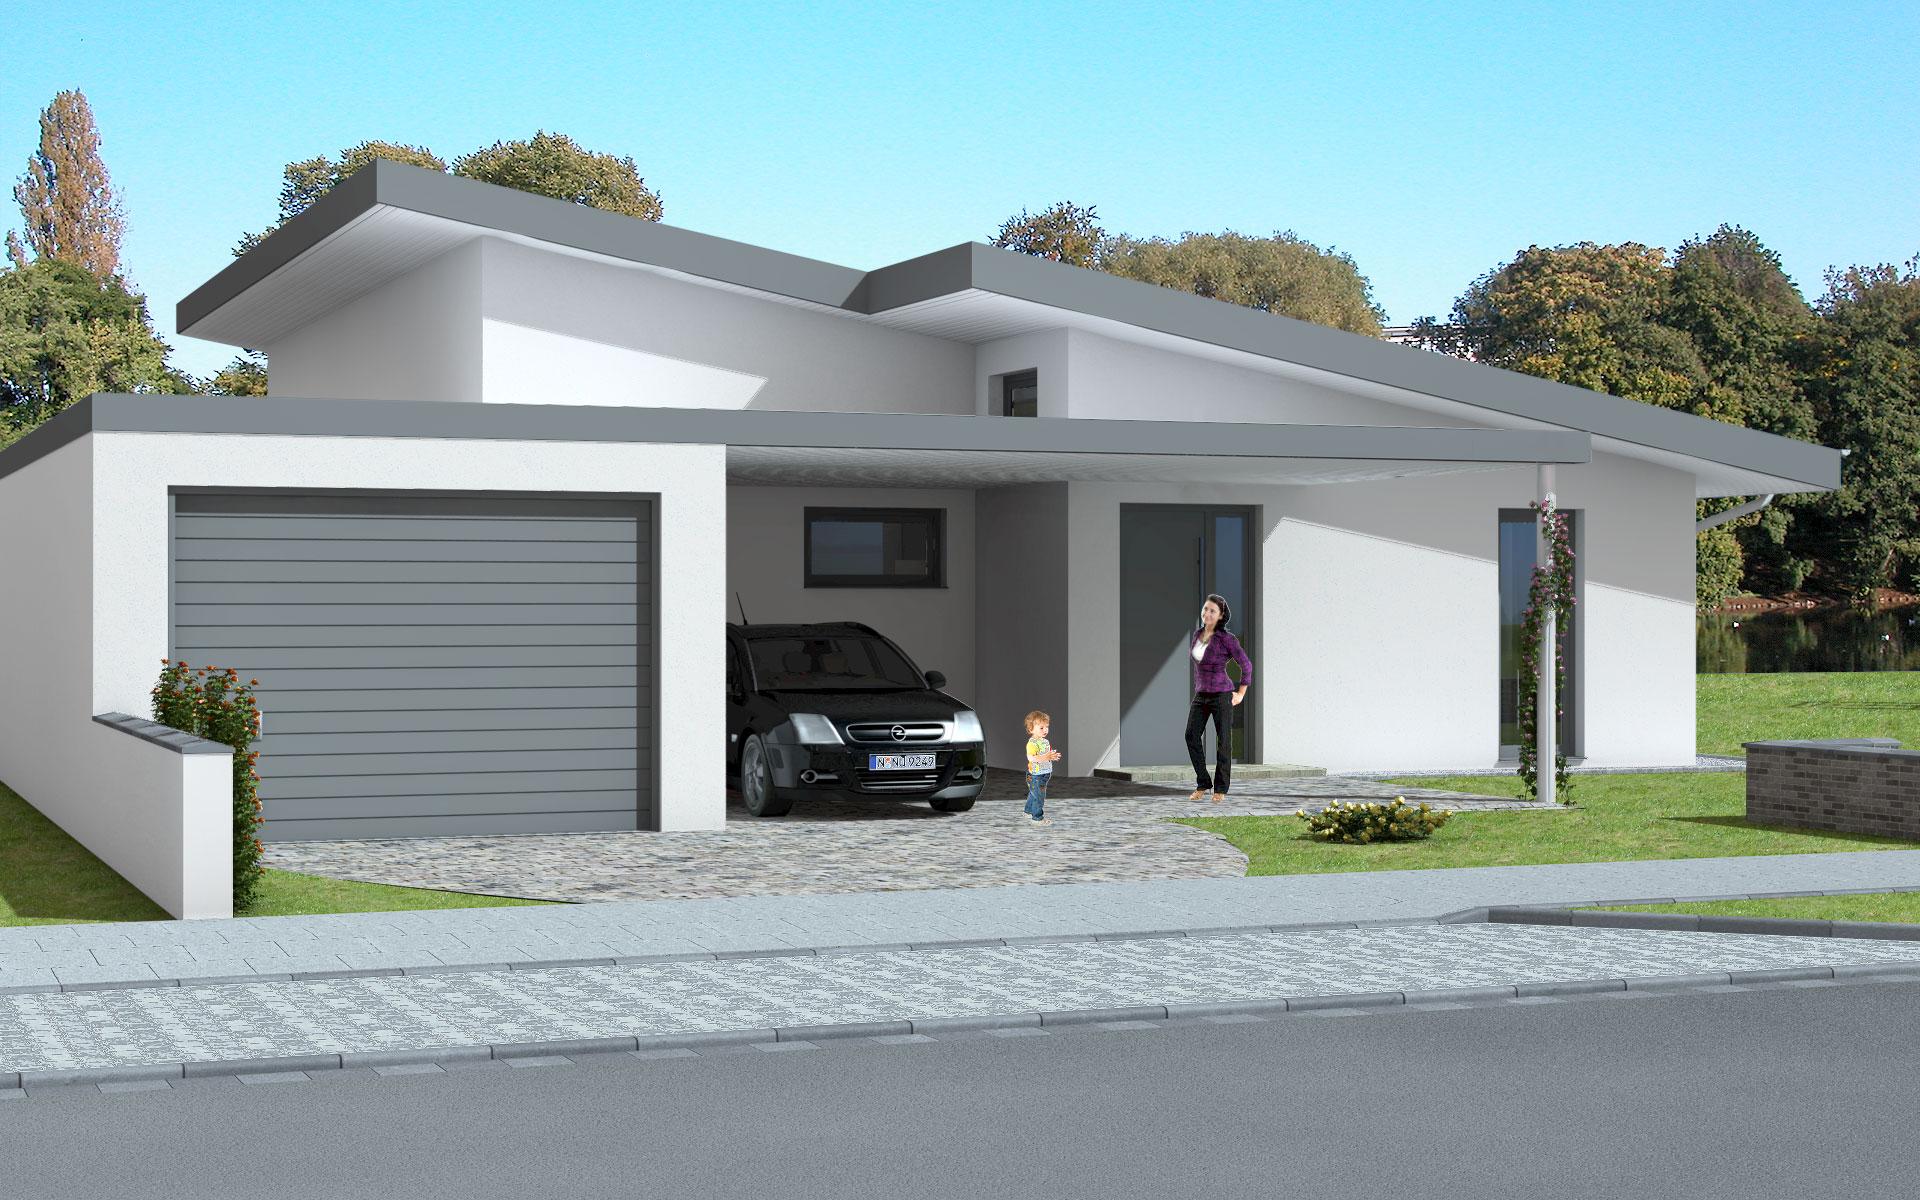 Sonnenhaus ihr zukunftshaus for Bungalow modern mit garage